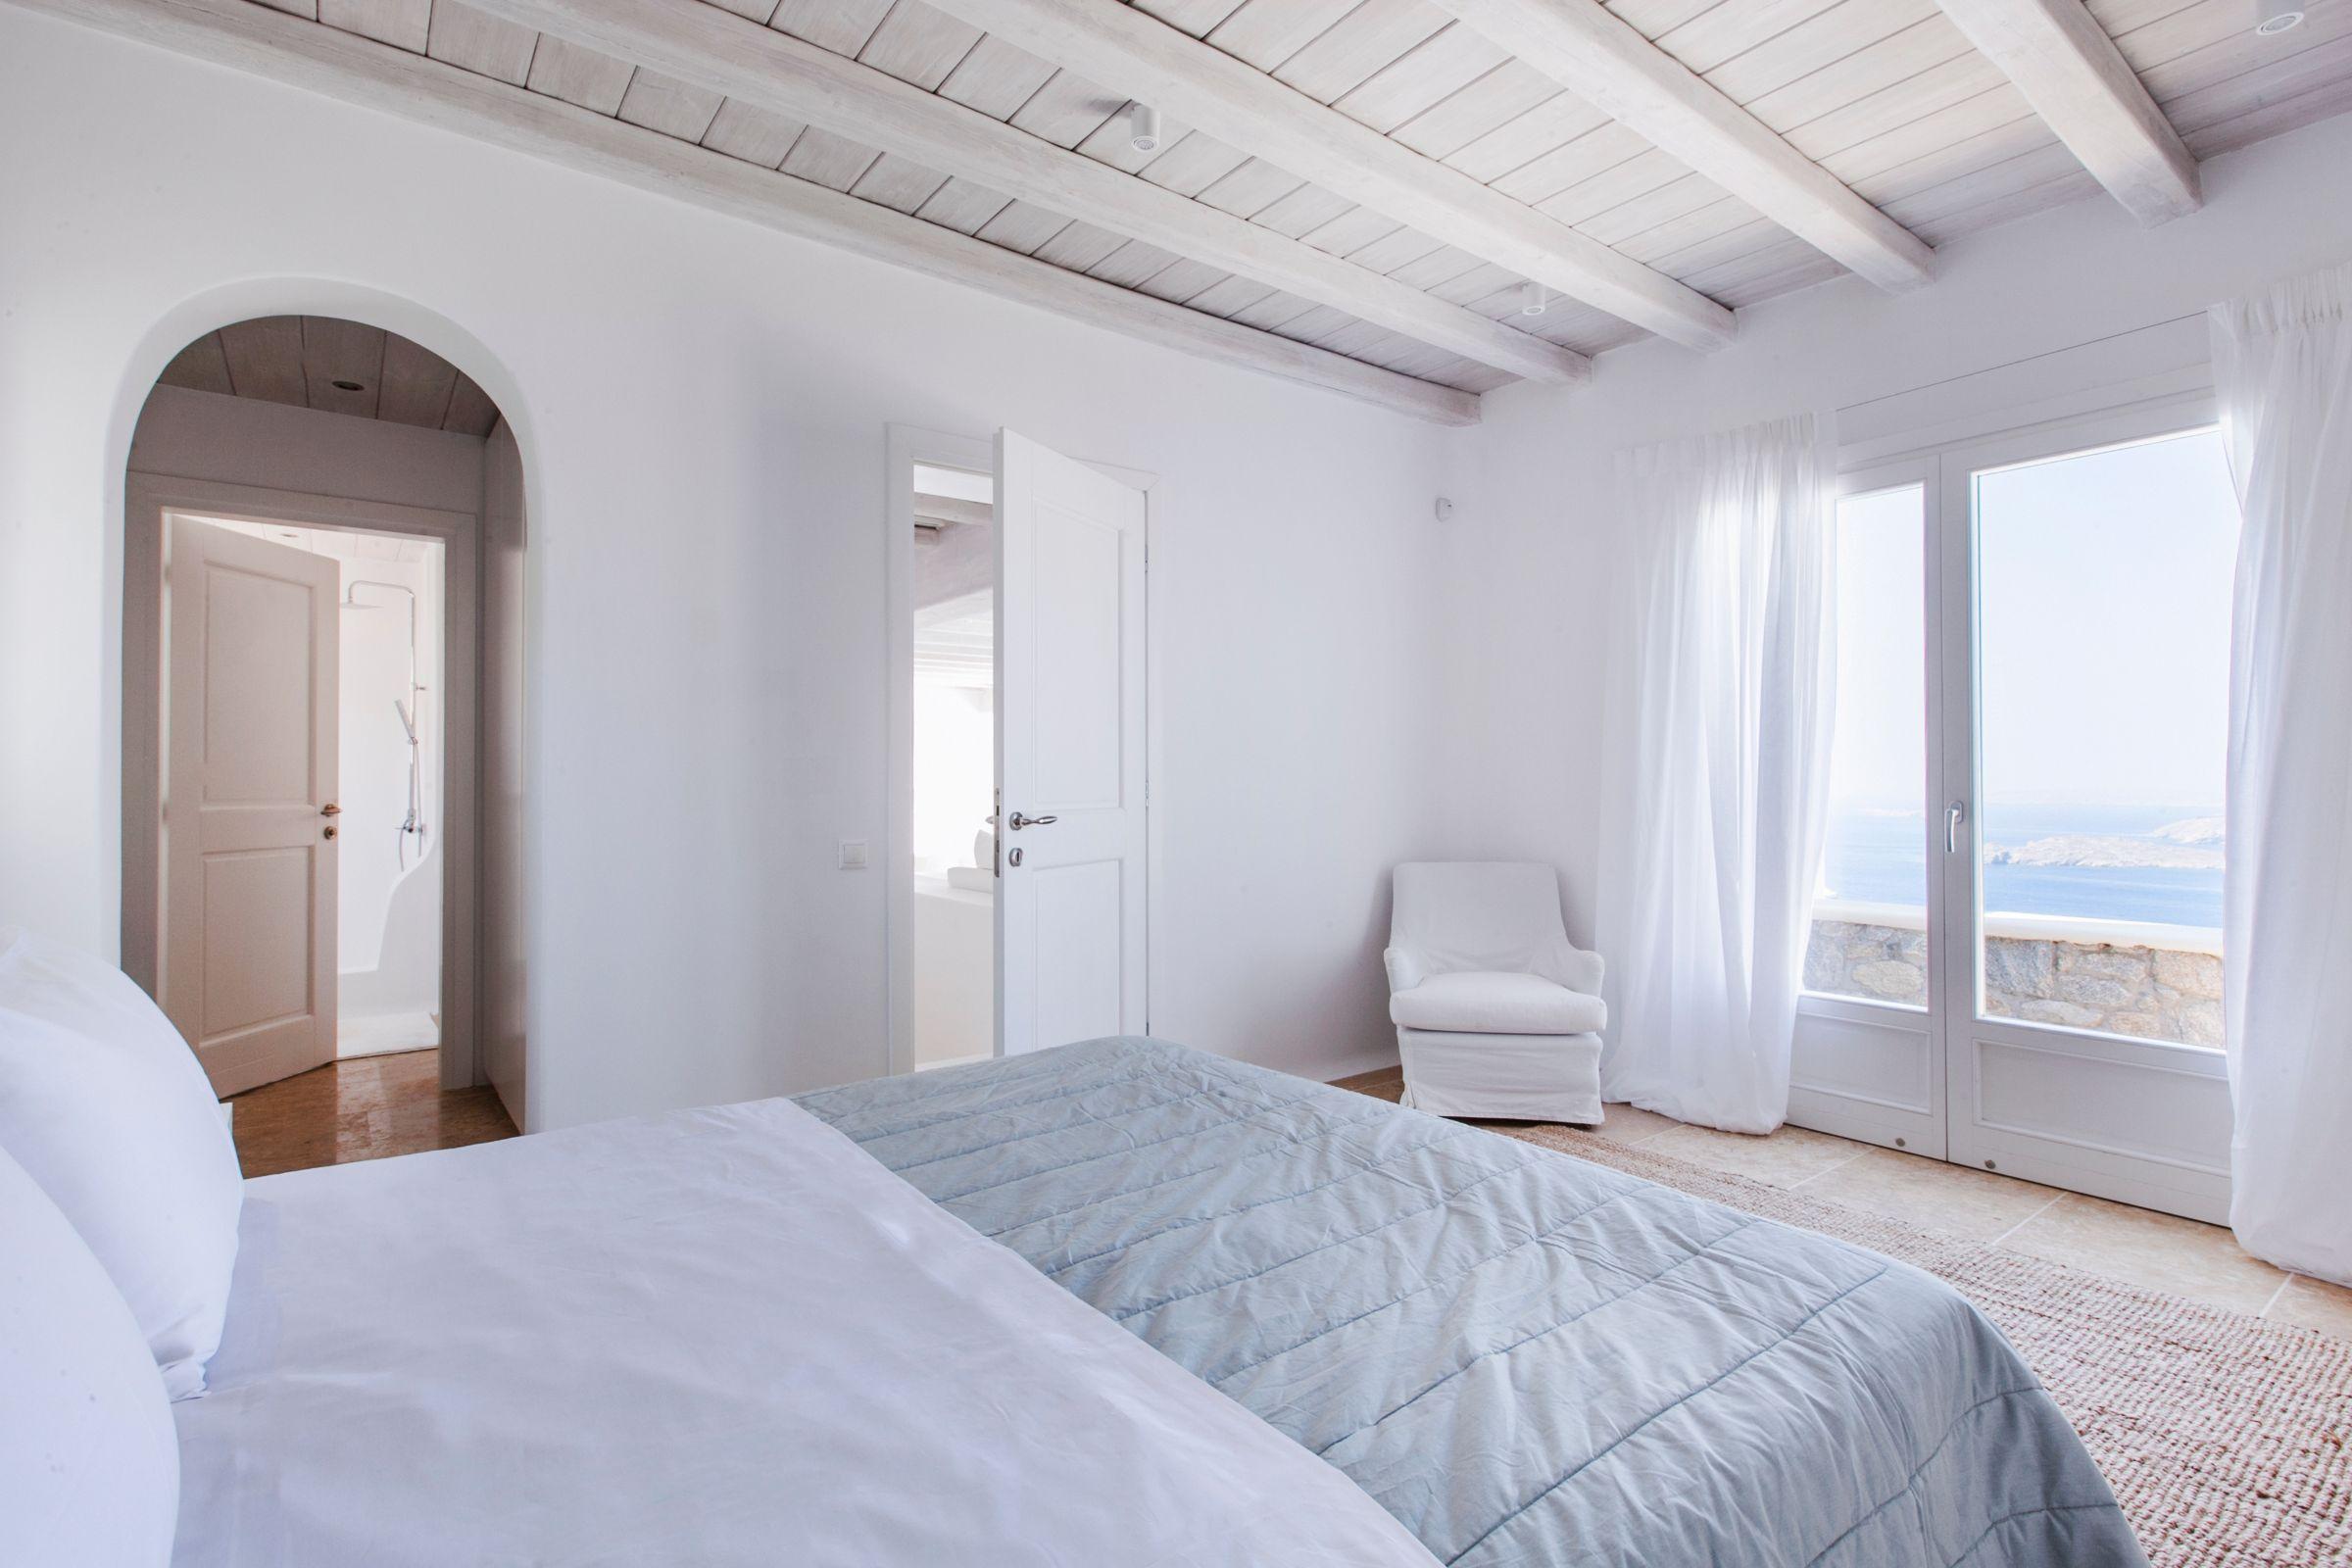 luxury mykonos villas bedrooms